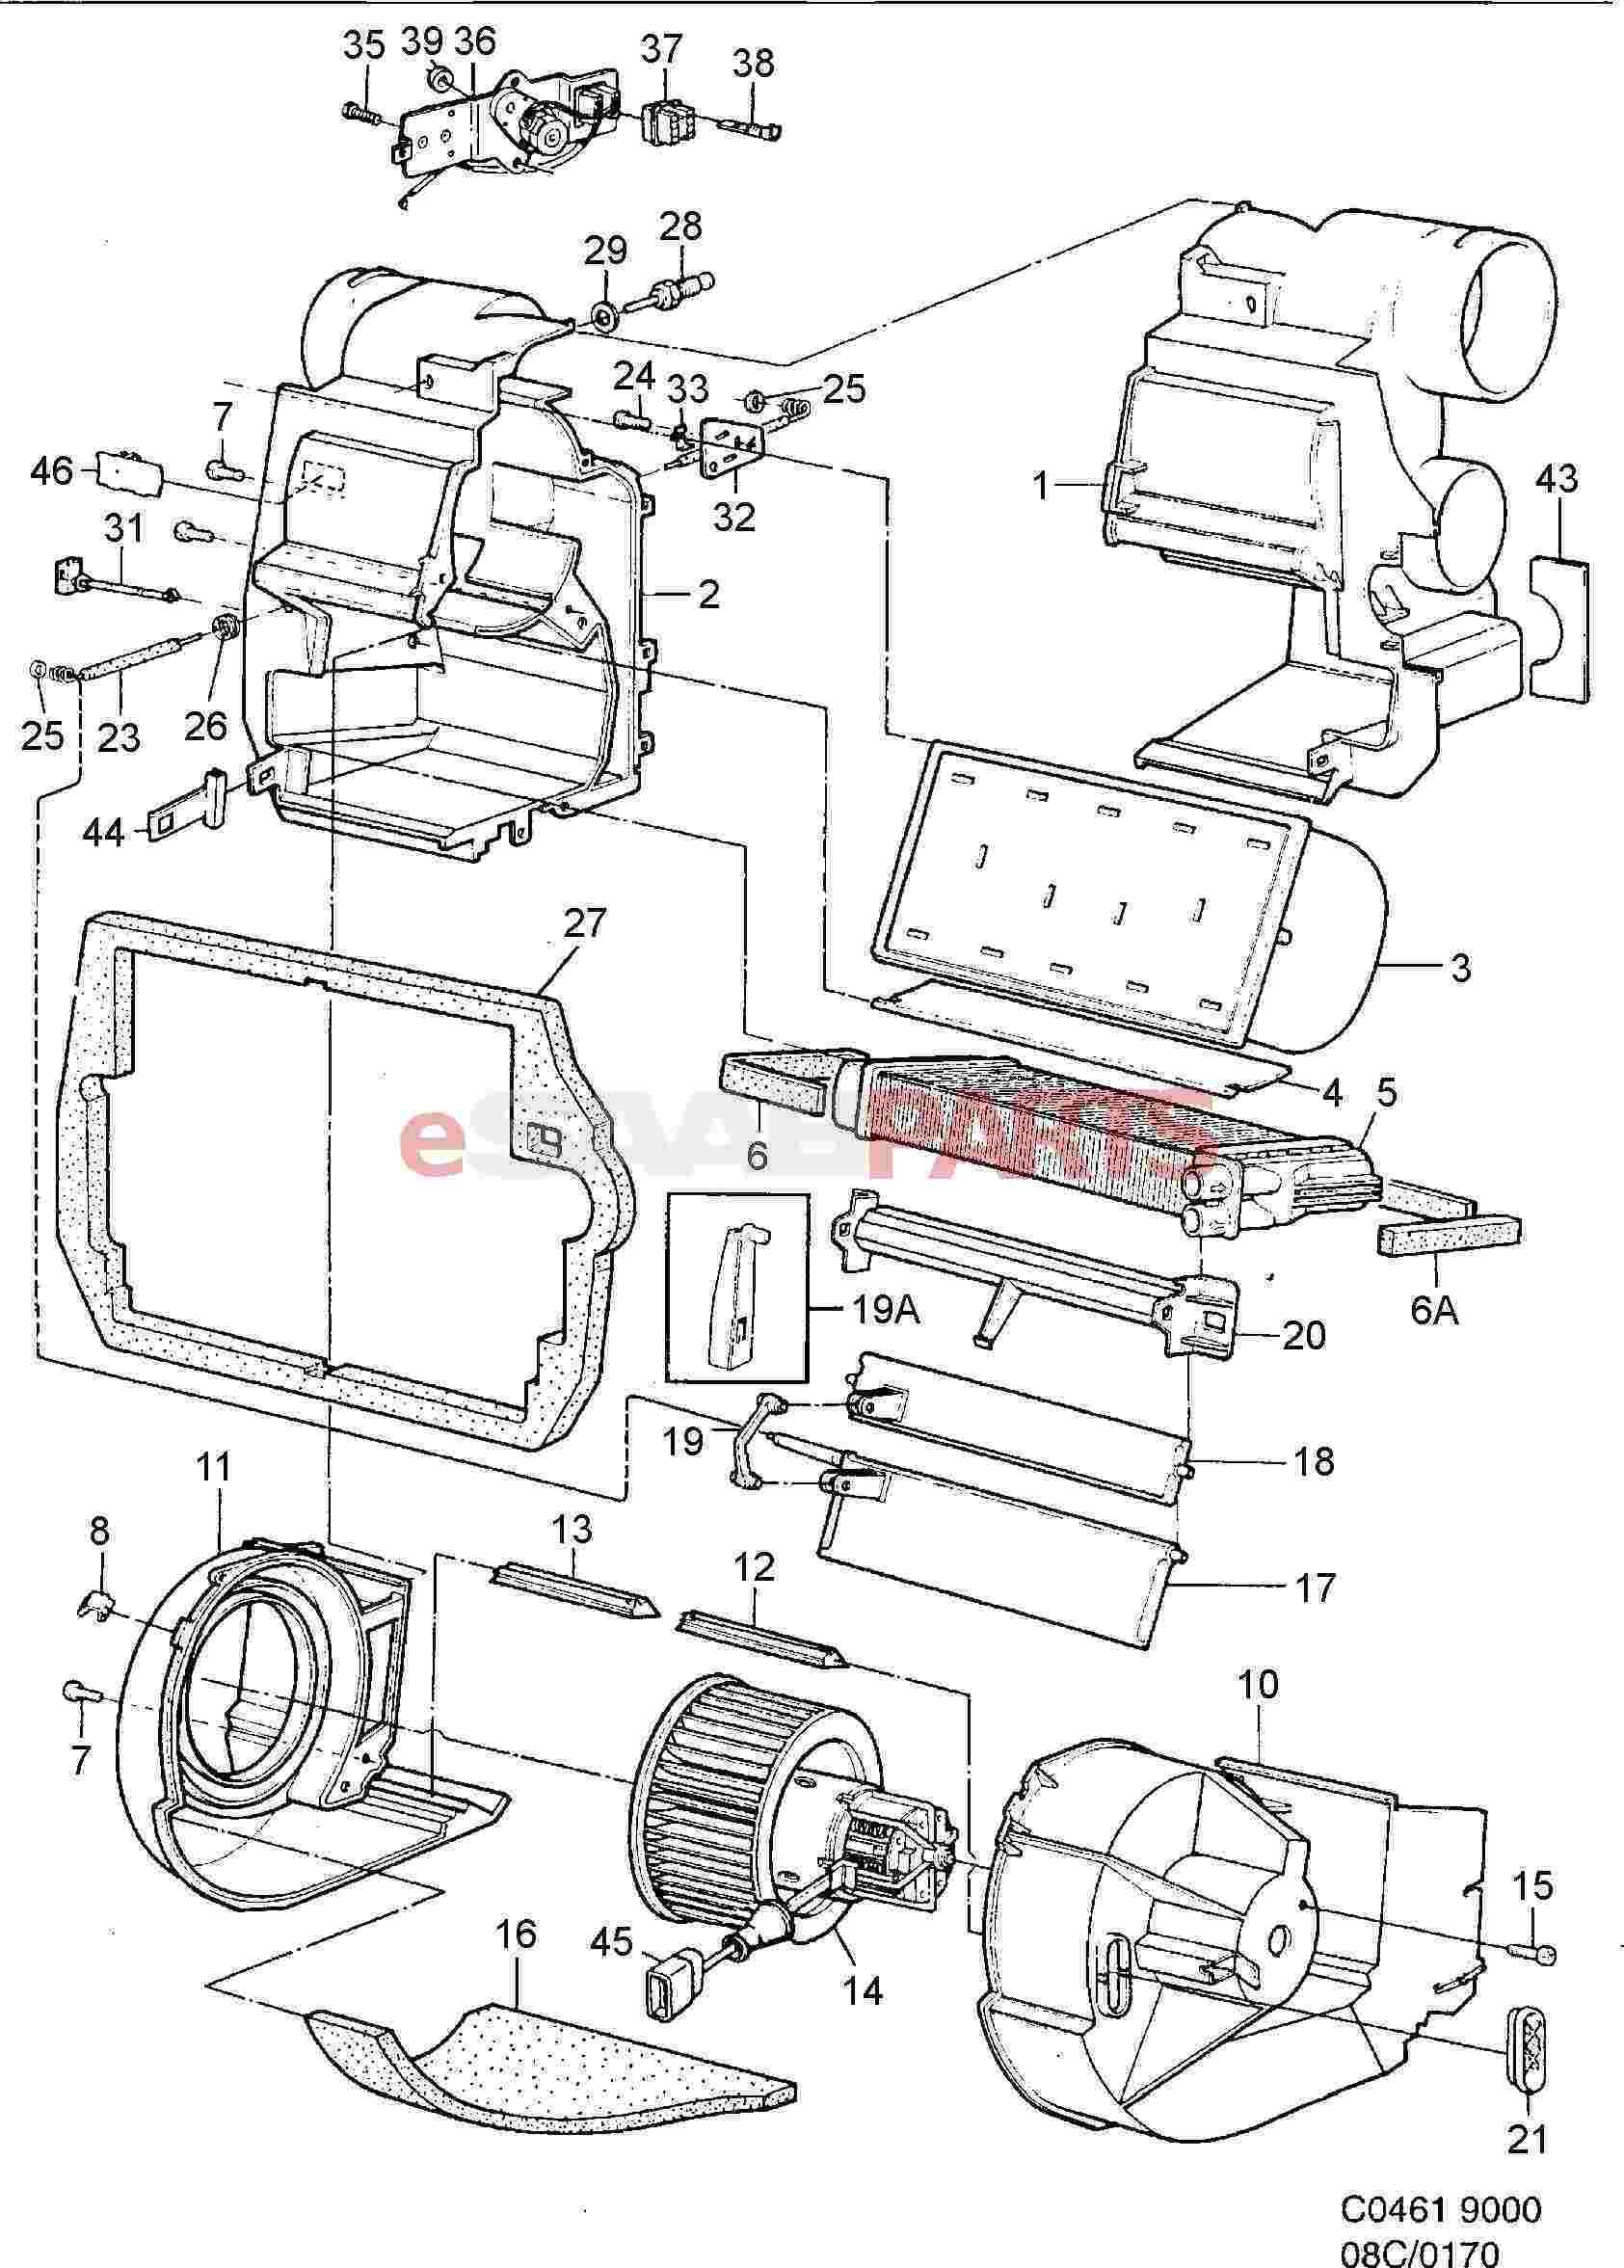 esaabparts com saab 9000 \u003e heating \u0026 air conditioning parts